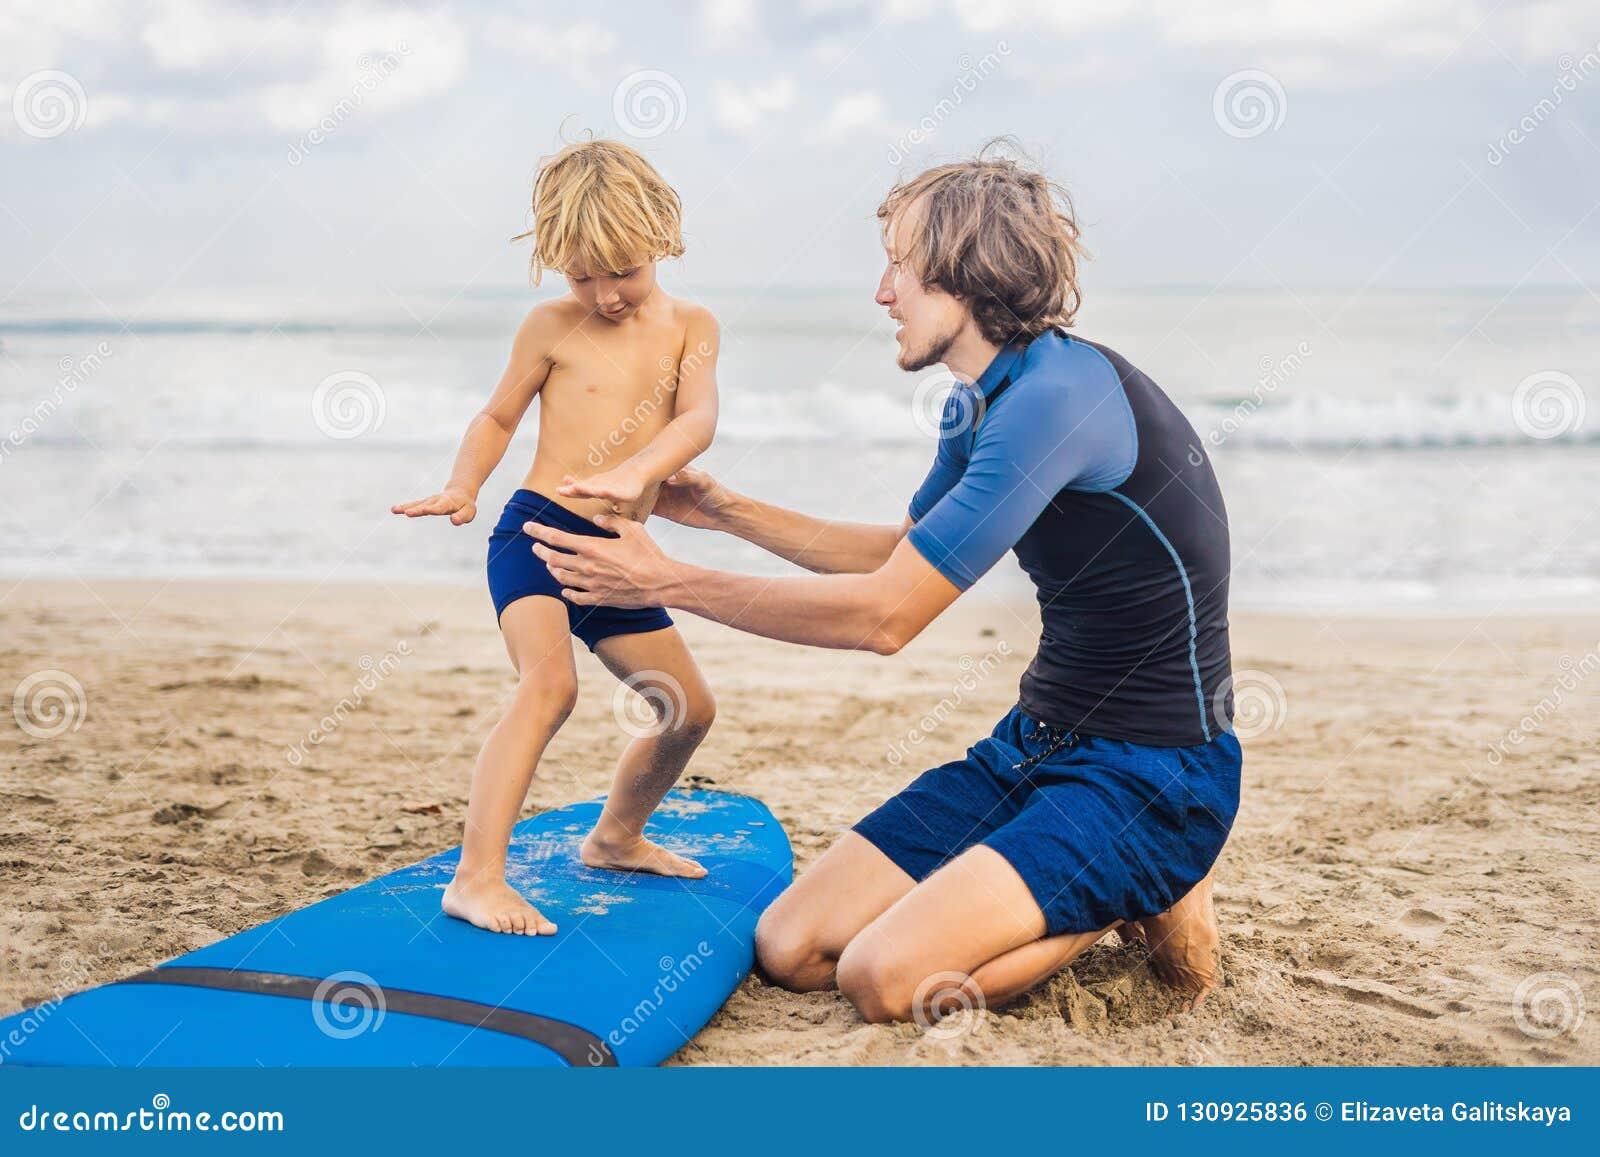 Fader eller instruktör som undervisar hans 4 den åriga sonen hur man surfar in